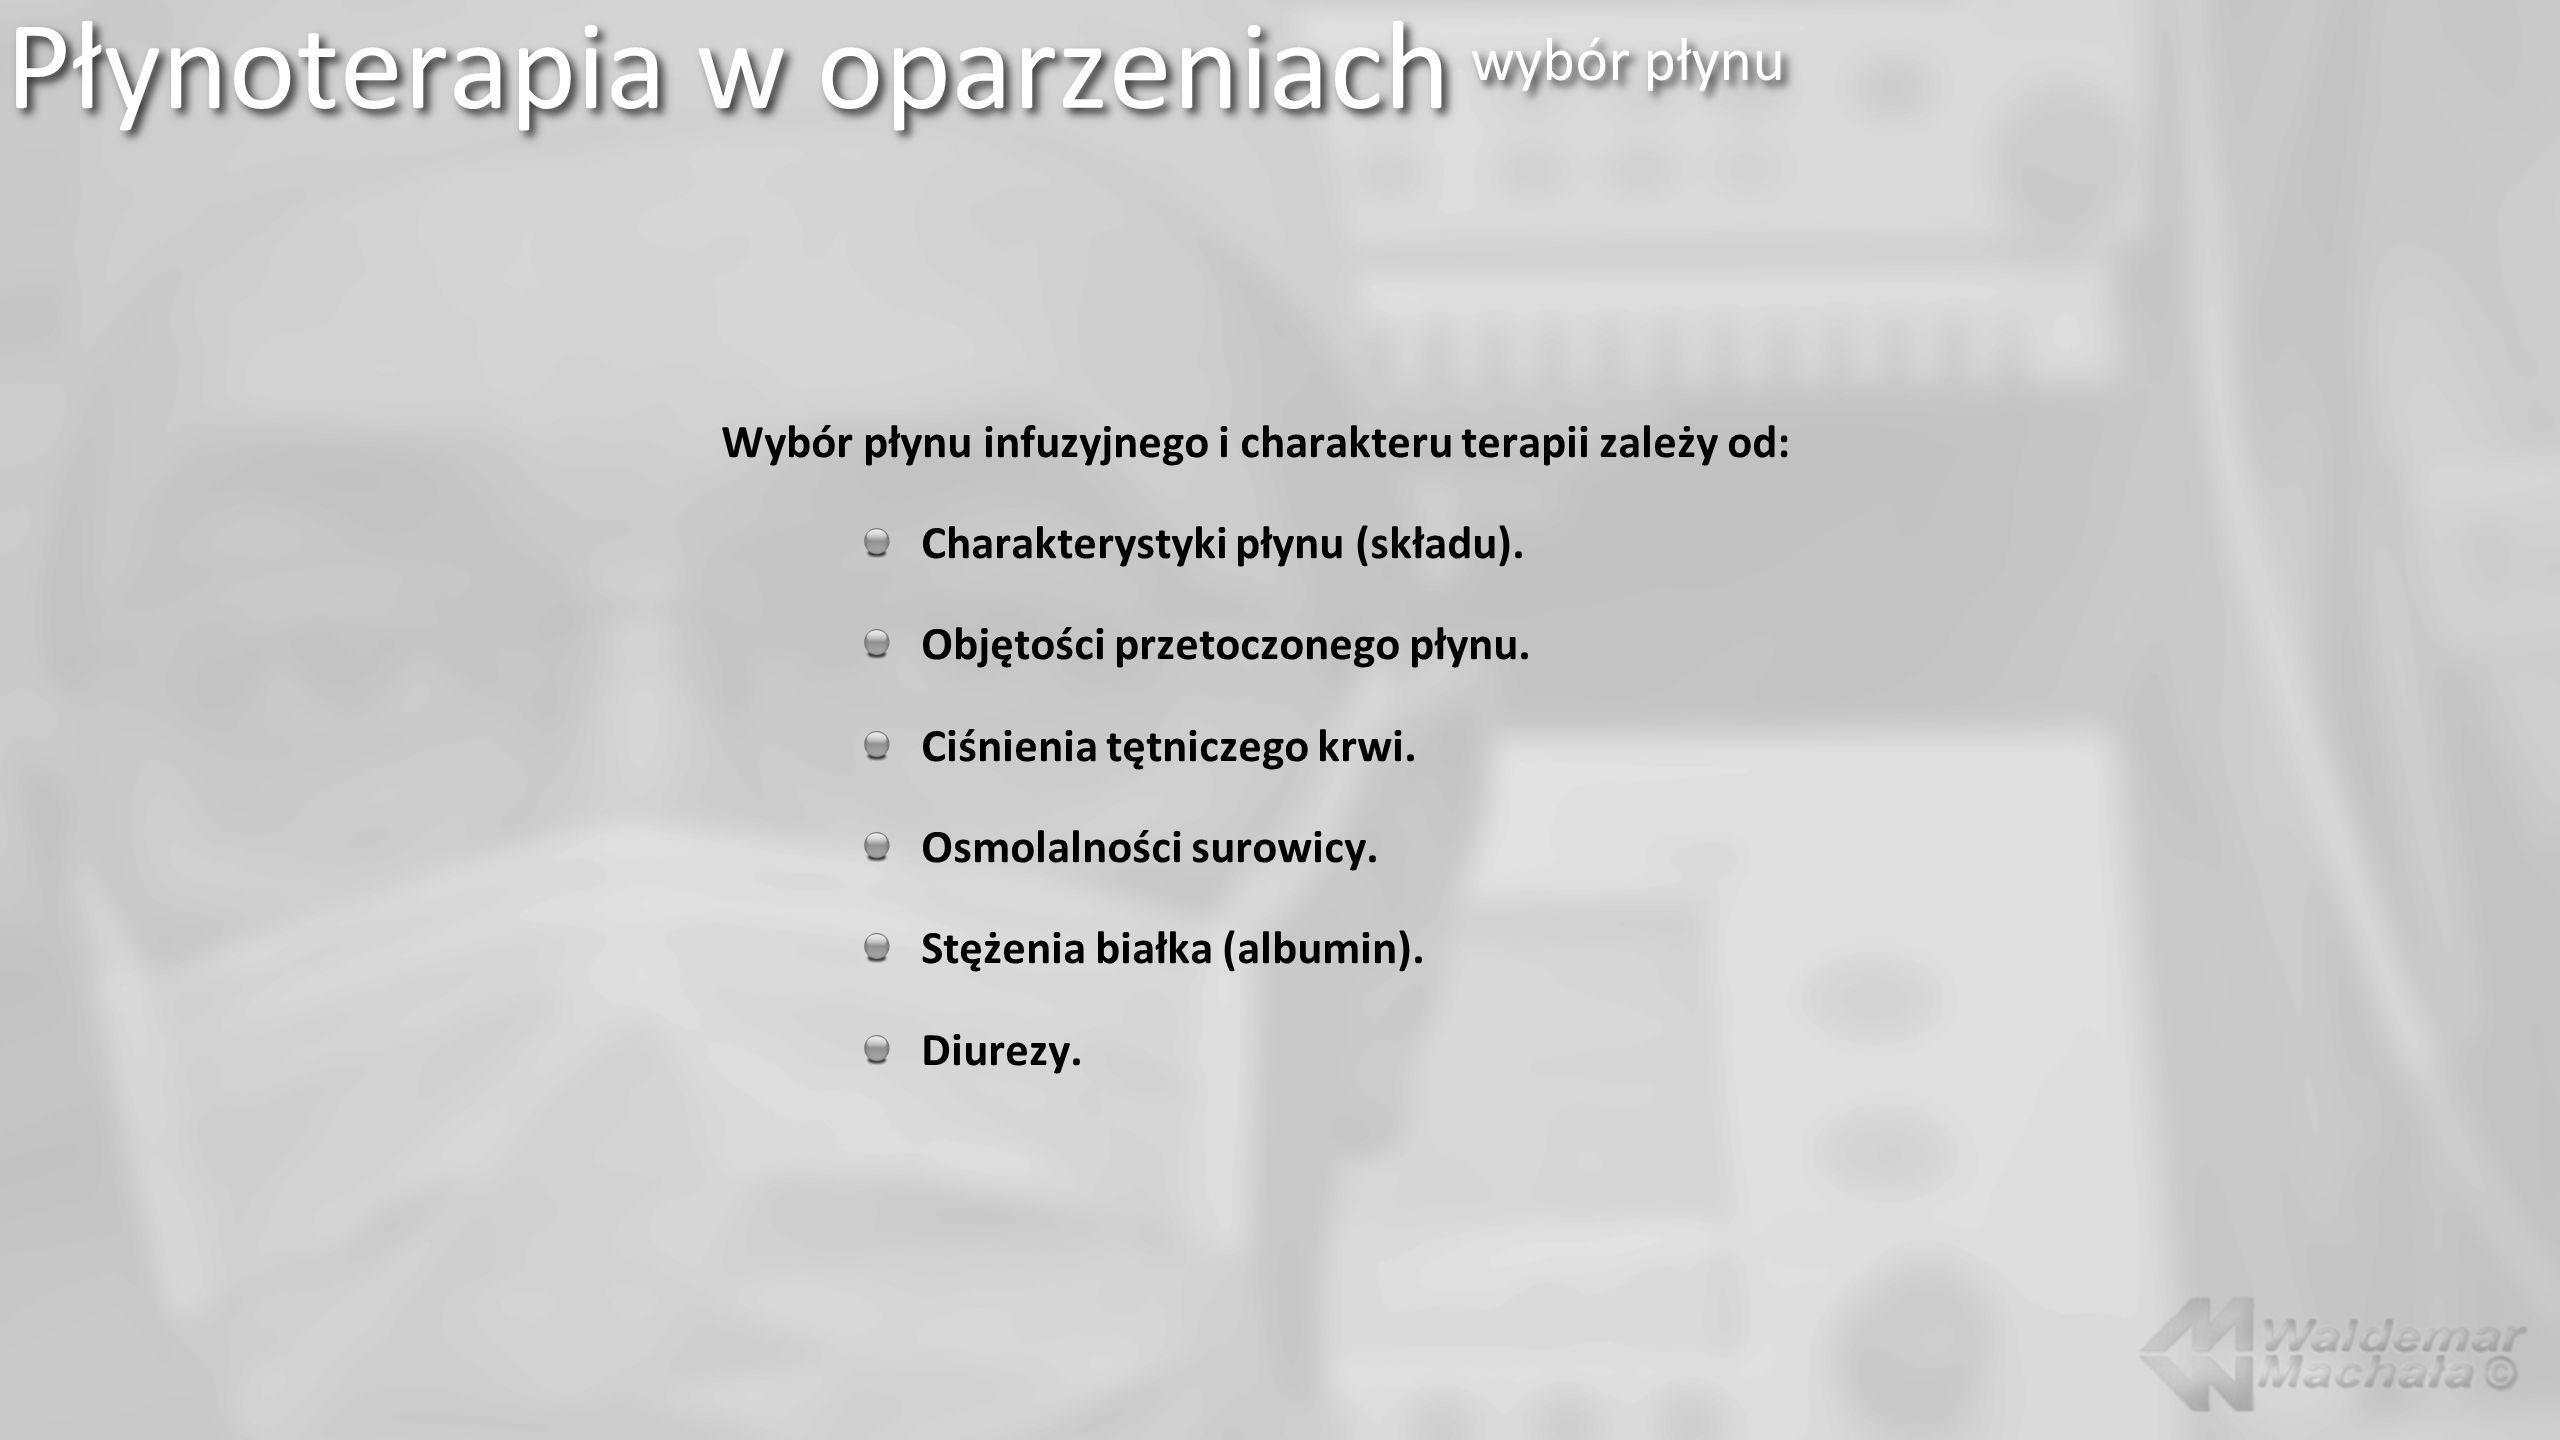 Wybór płynu infuzyjnego i charakteru terapii zależy od: Charakterystyki płynu (składu).